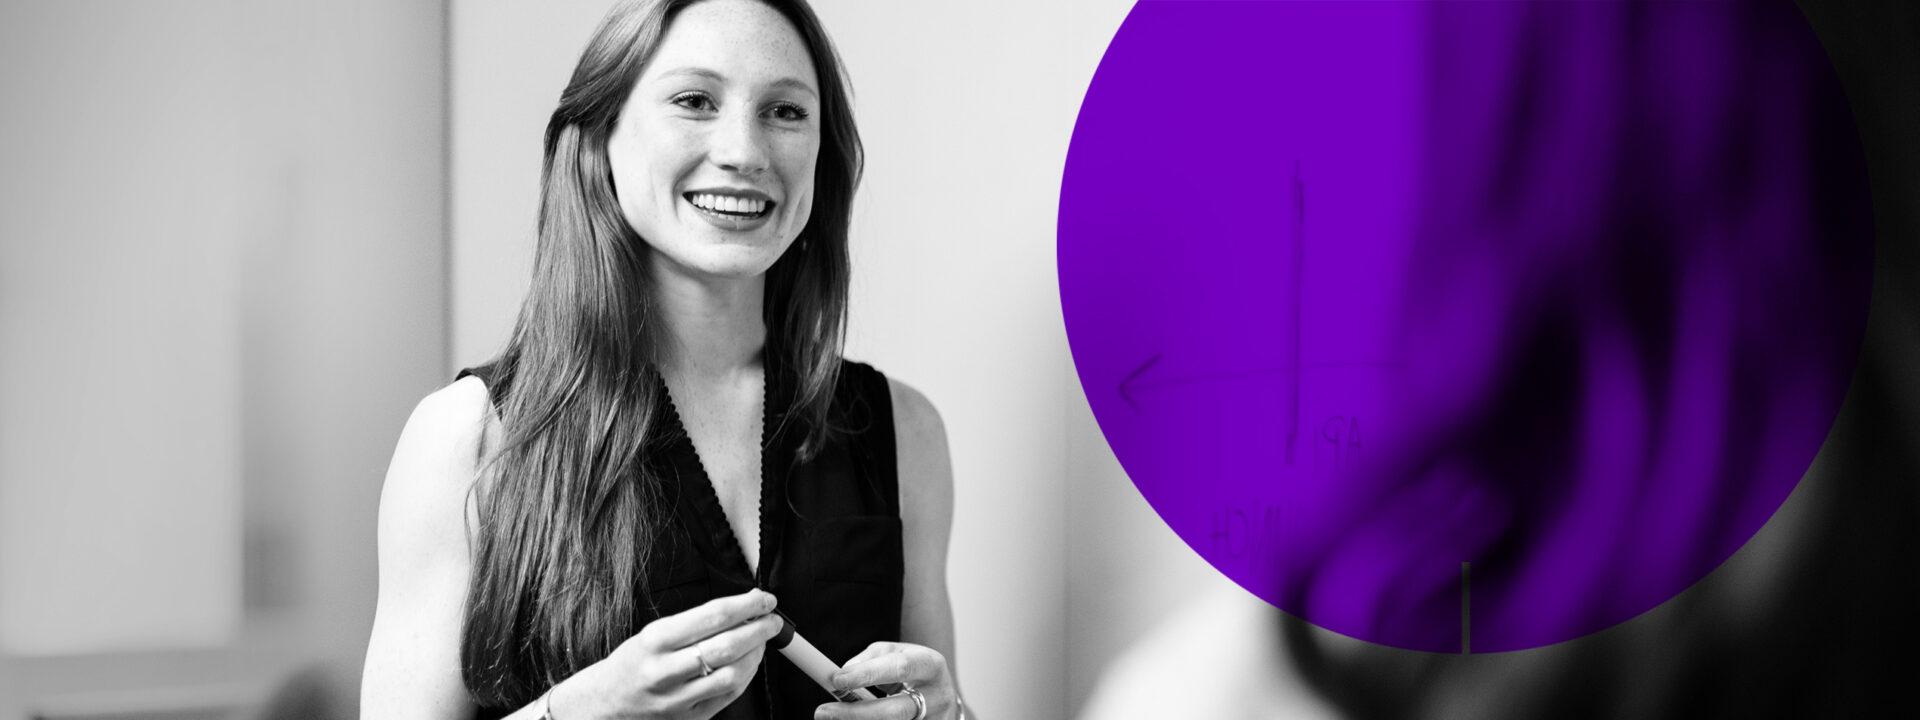 Webinar für Unternehmen, Führungskräfte und Teams - Reifung zur Führungspersönlichkeit